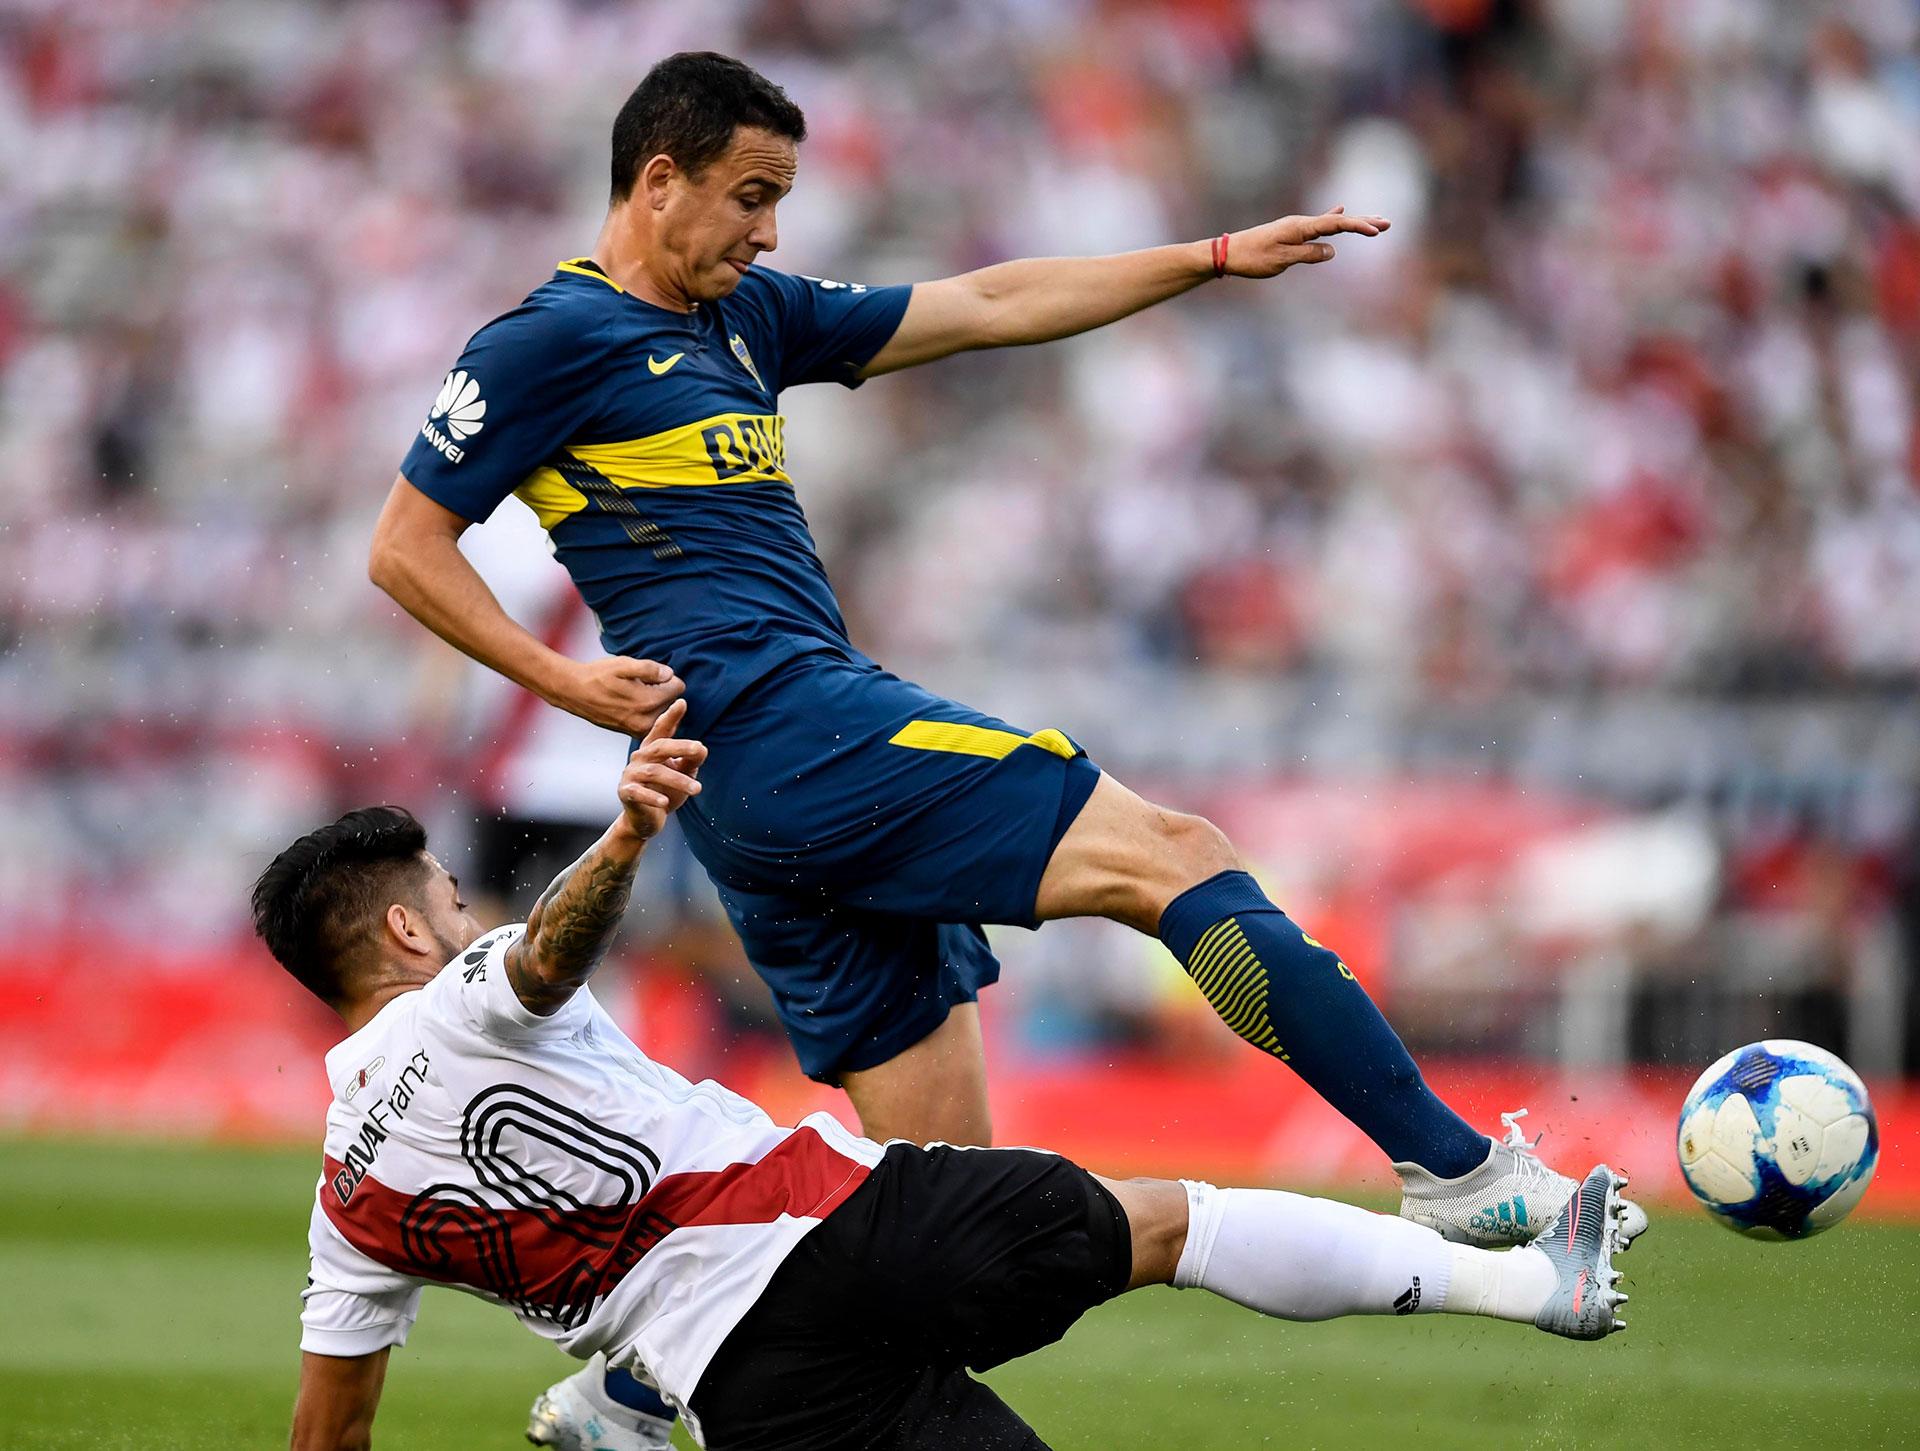 Leonardo Jara tuvo un gran rendimiento en Boca. Aquí en una de las tantas veces que superó a Milton Casco